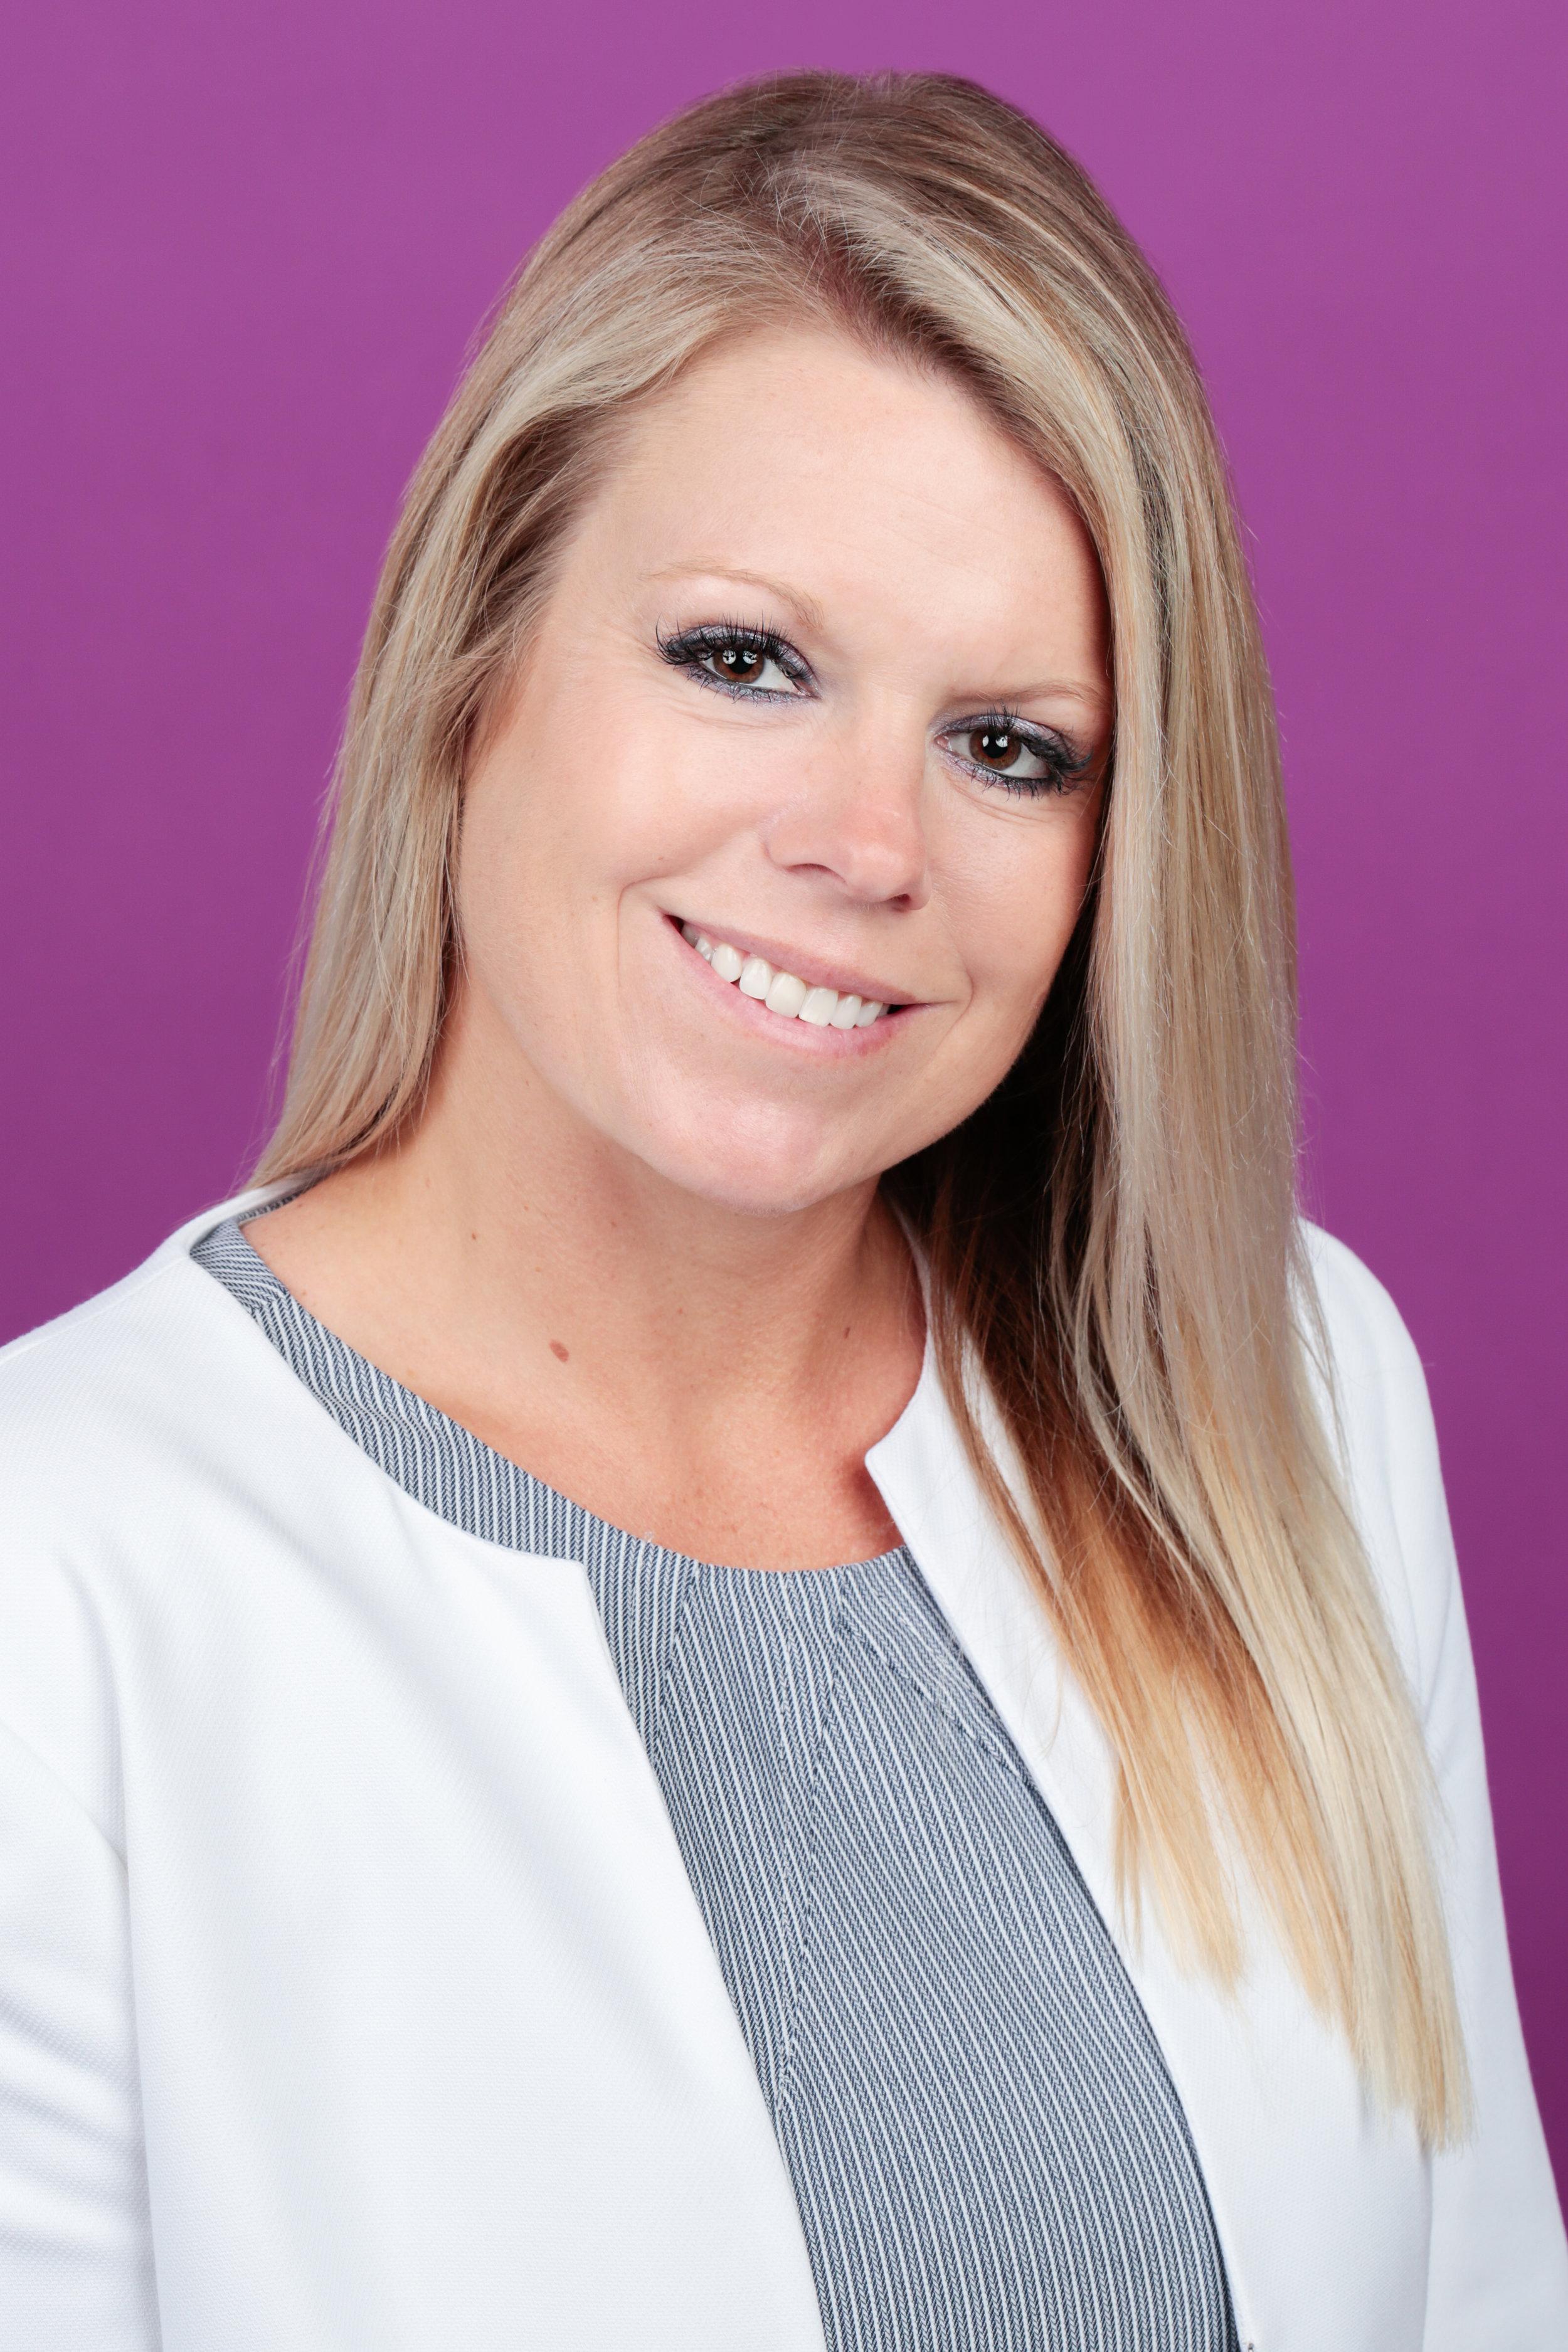 Courtney Keller - Shareholder, Greenberg Traurig